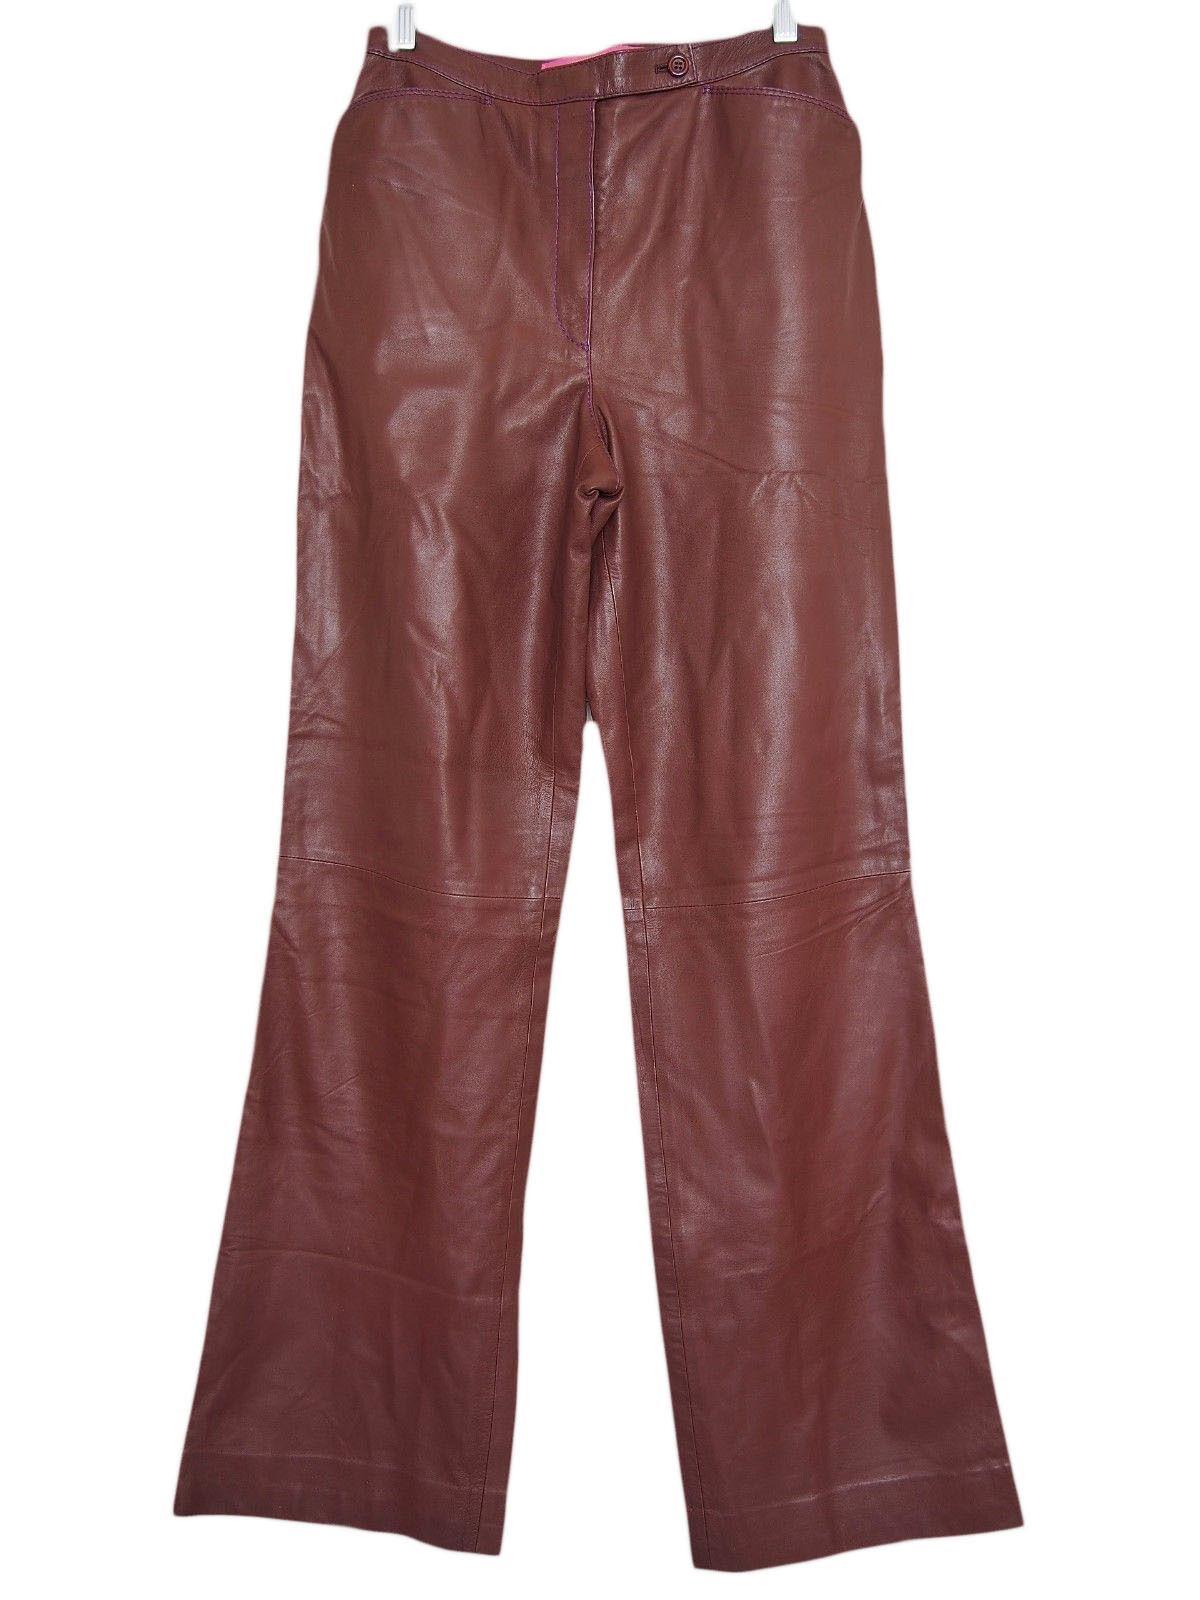 EMANUEL UNGARO Paris Pants Lamb Leather Brown Size 38 US 6